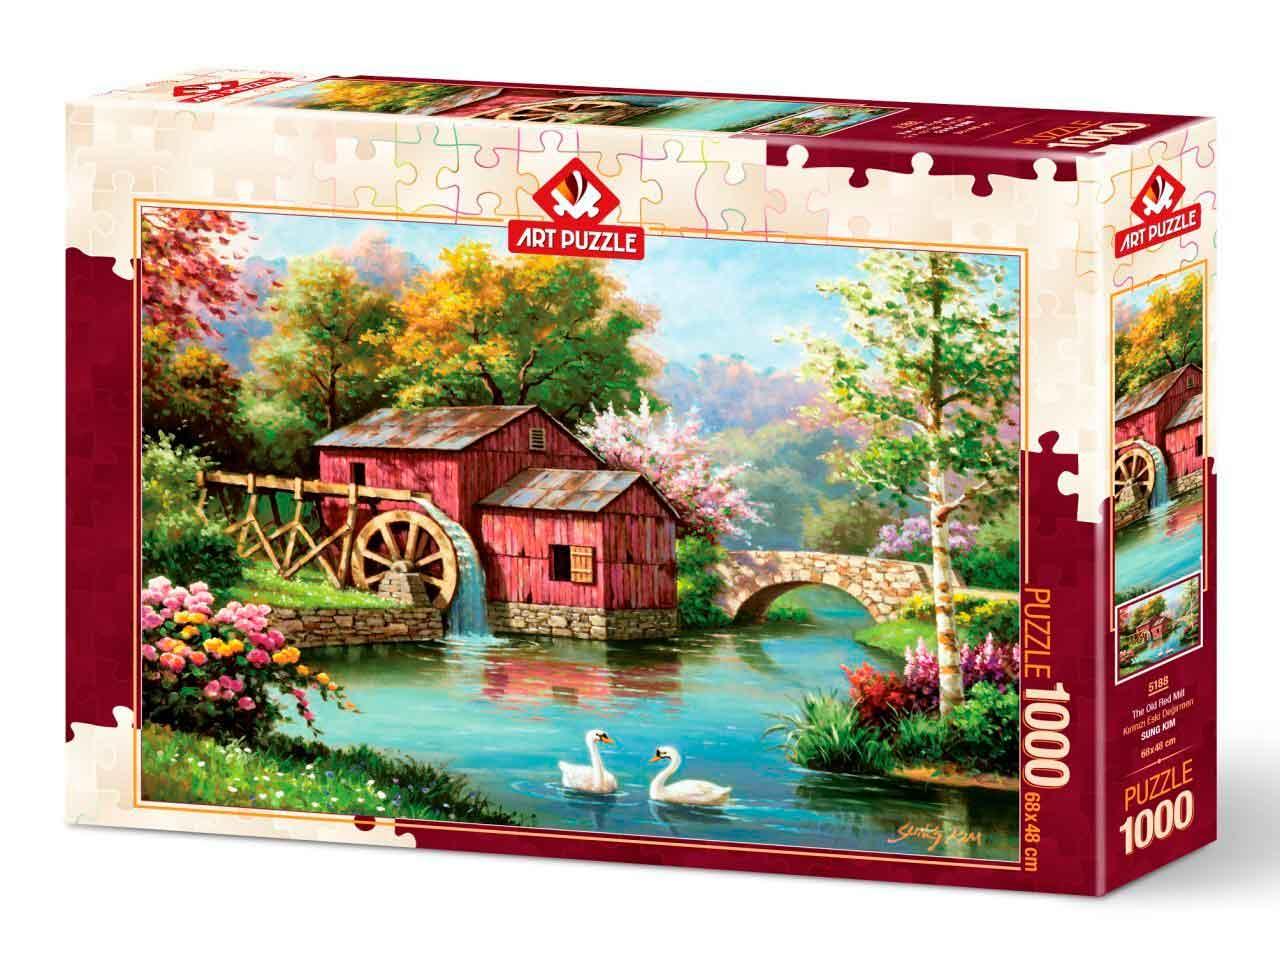 Puzzle Art Puzzle El Viejo Molino Rojo de 1000 Piezas